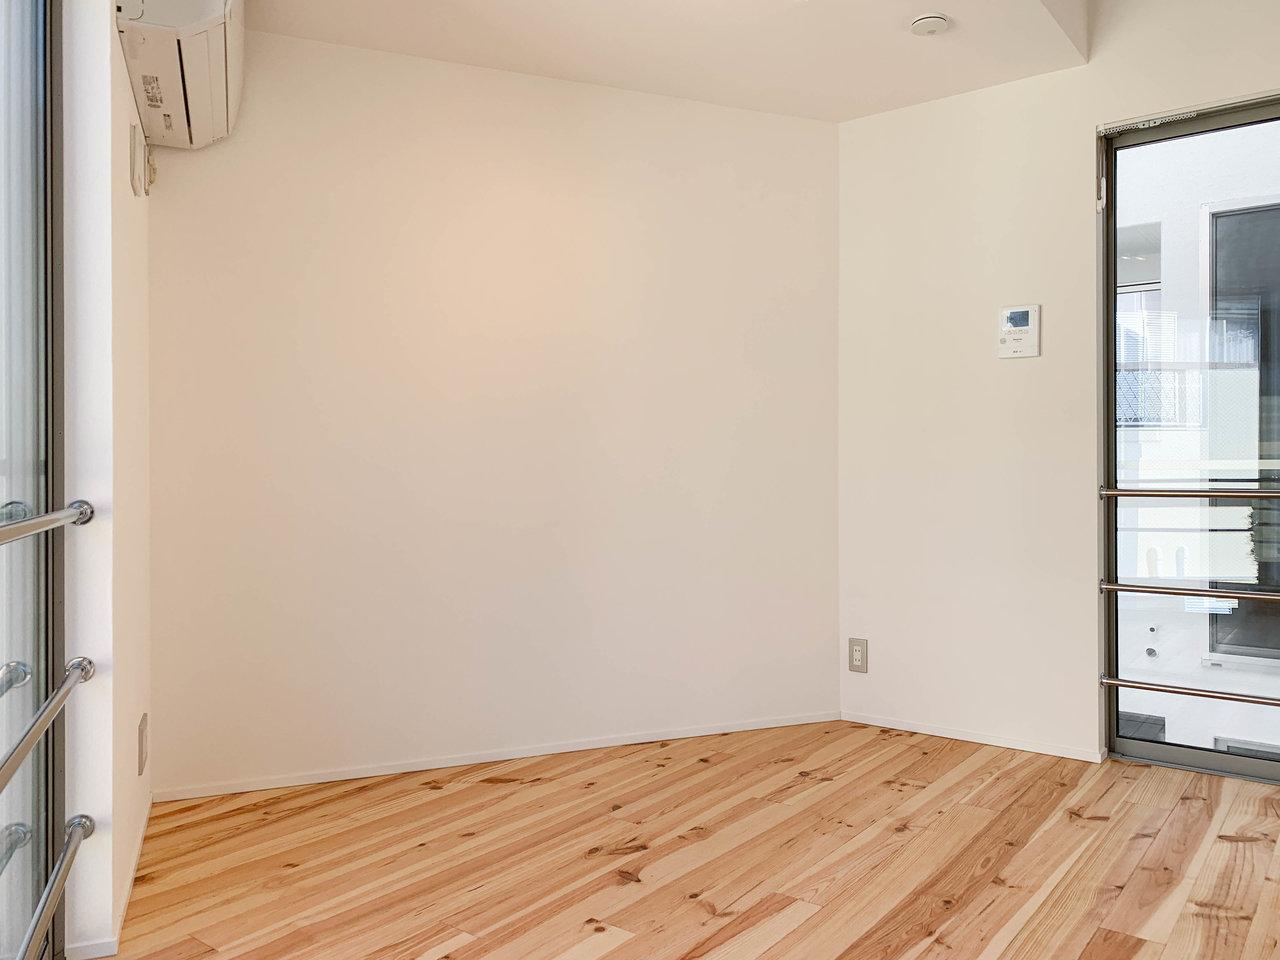 1階のキッチンで作ったご飯を2階に持って行って、二人で仲良く団らん。6.7畳あるのでテーブルやソファ、テレビなどが置けますよ。